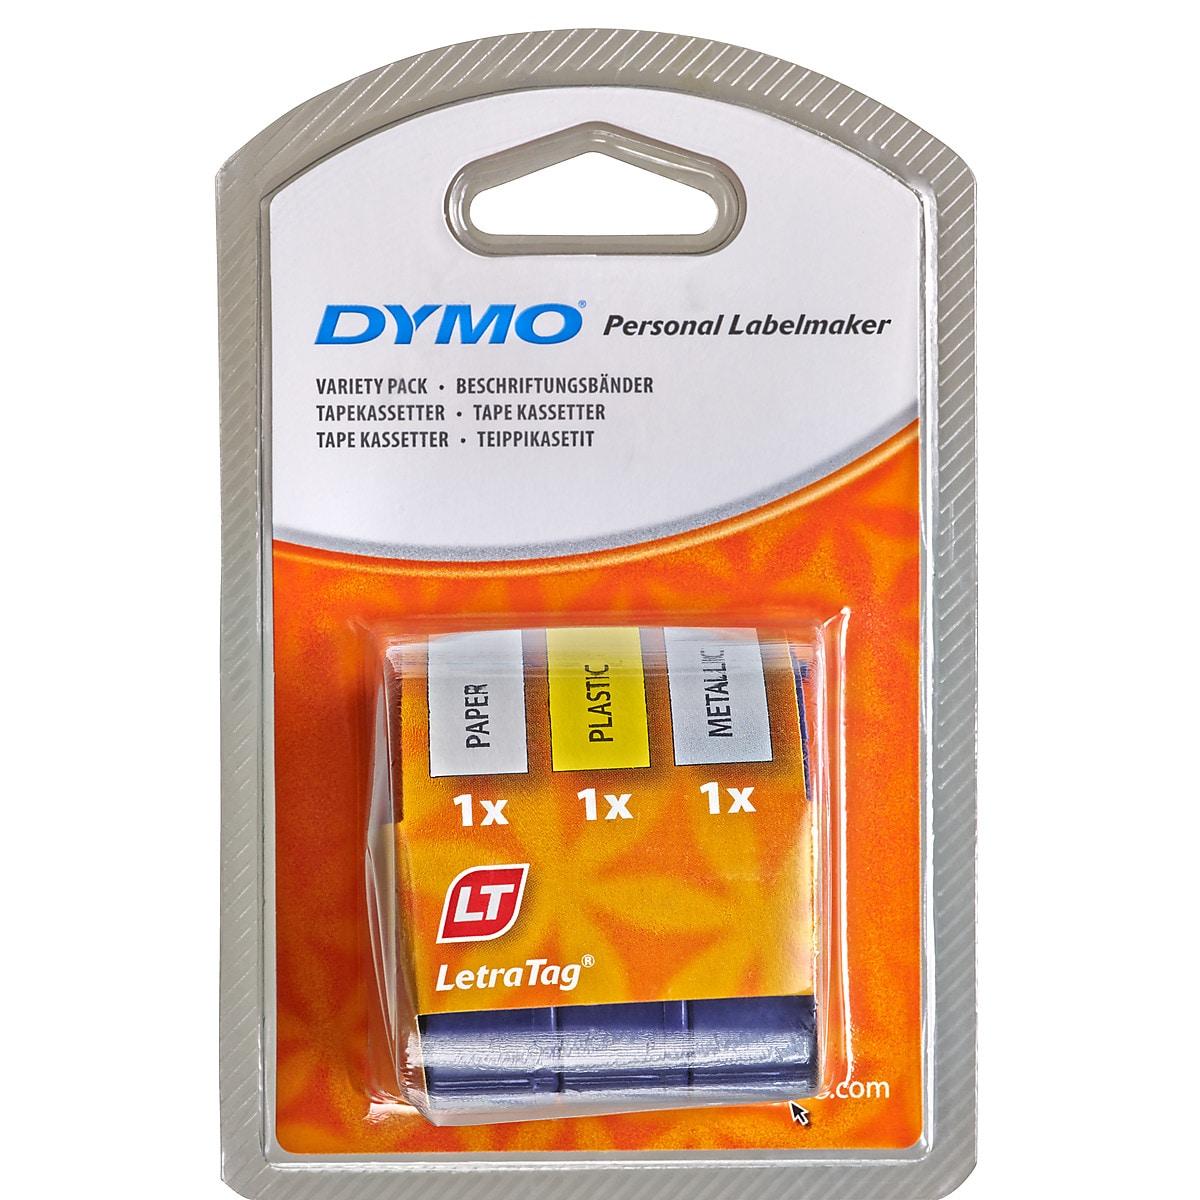 Märkband Dymo LetraTag 3-pack